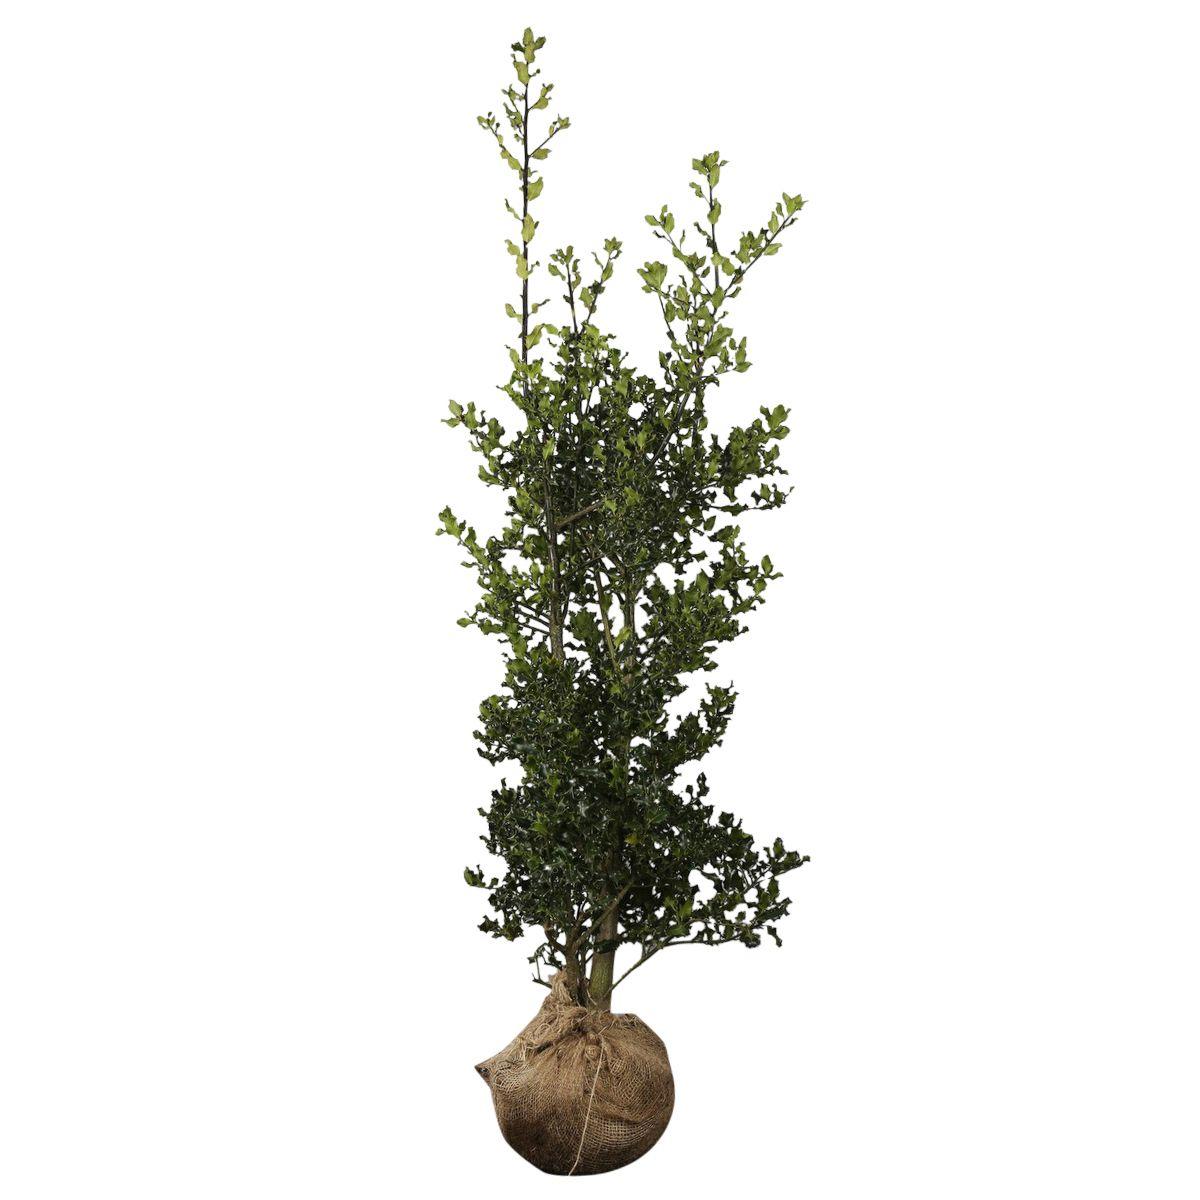 Stechpalme Wurzelballen 125-150 cm